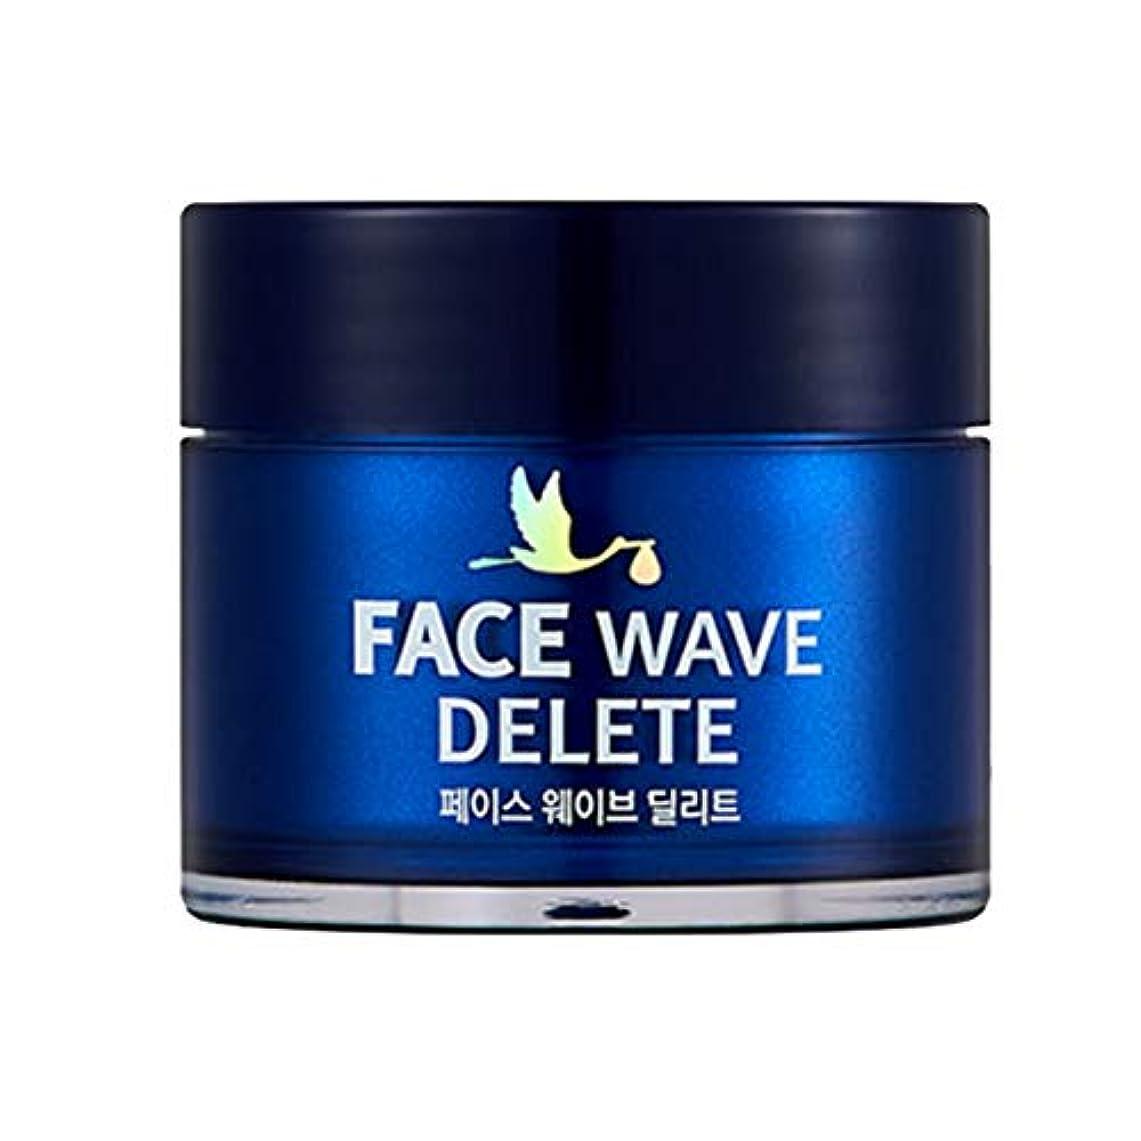 利用可能バックグラウンド帰するbona medusa FACE WAVE DELETE しわ集中改善クリームすべての肌用30g[海外直送品]